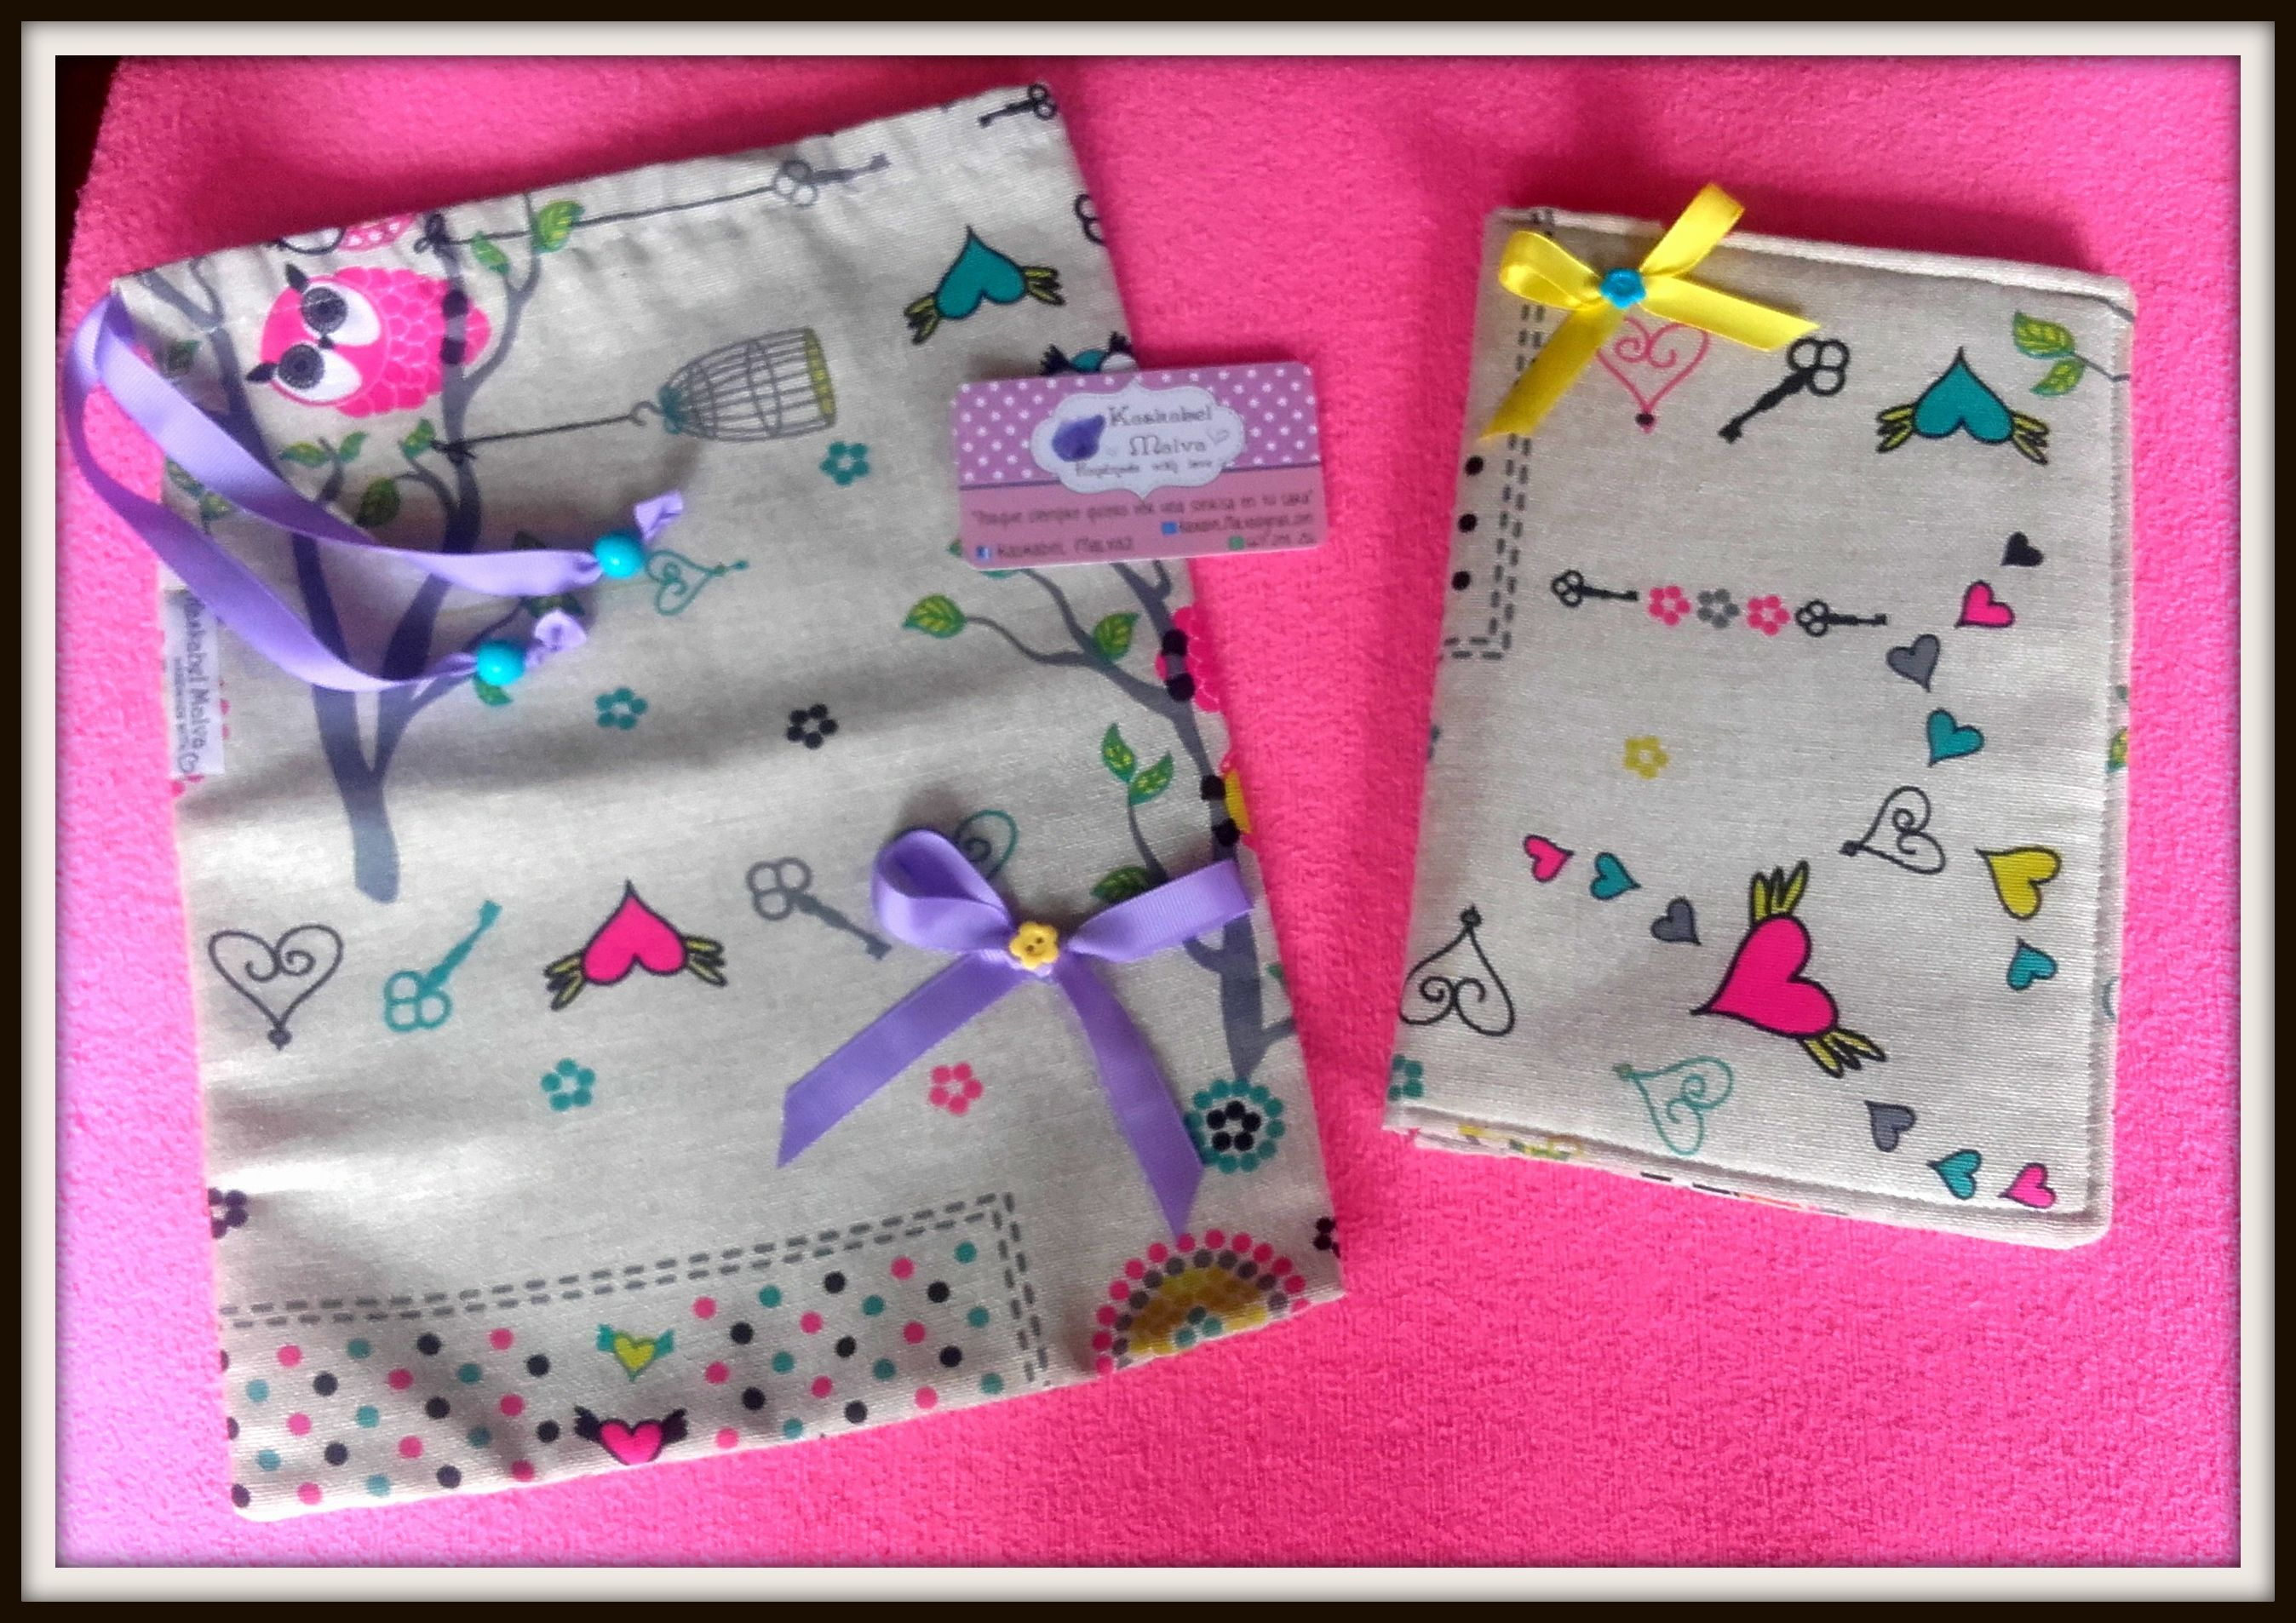 Conjuntos de bolsa para almuerzo y porta pañales y toallitas. Súper útiles  ;0)